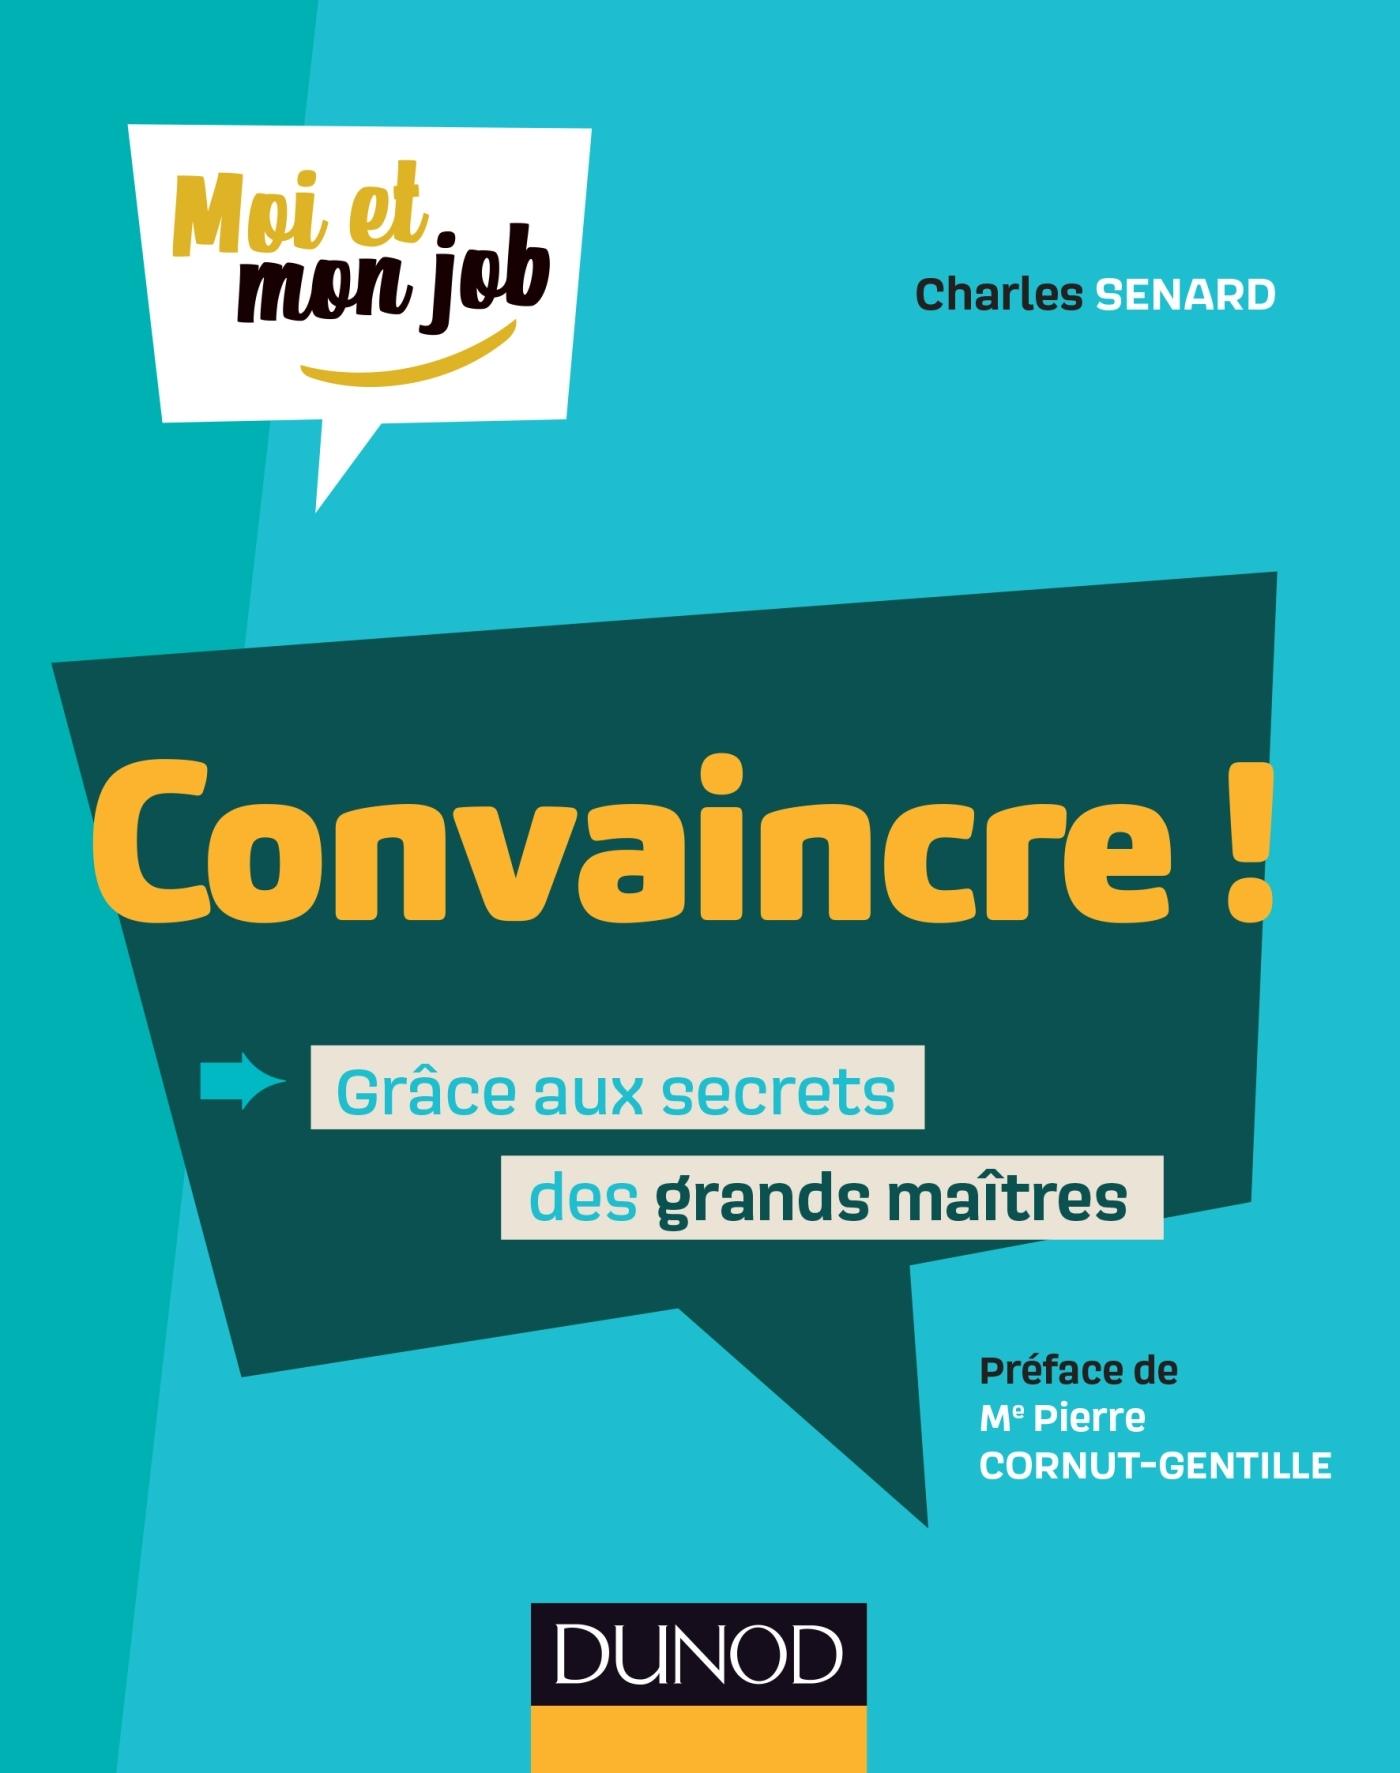 CONVAINCRE ! - GRACE AUX SECRETS DES GRANDS MAITRES